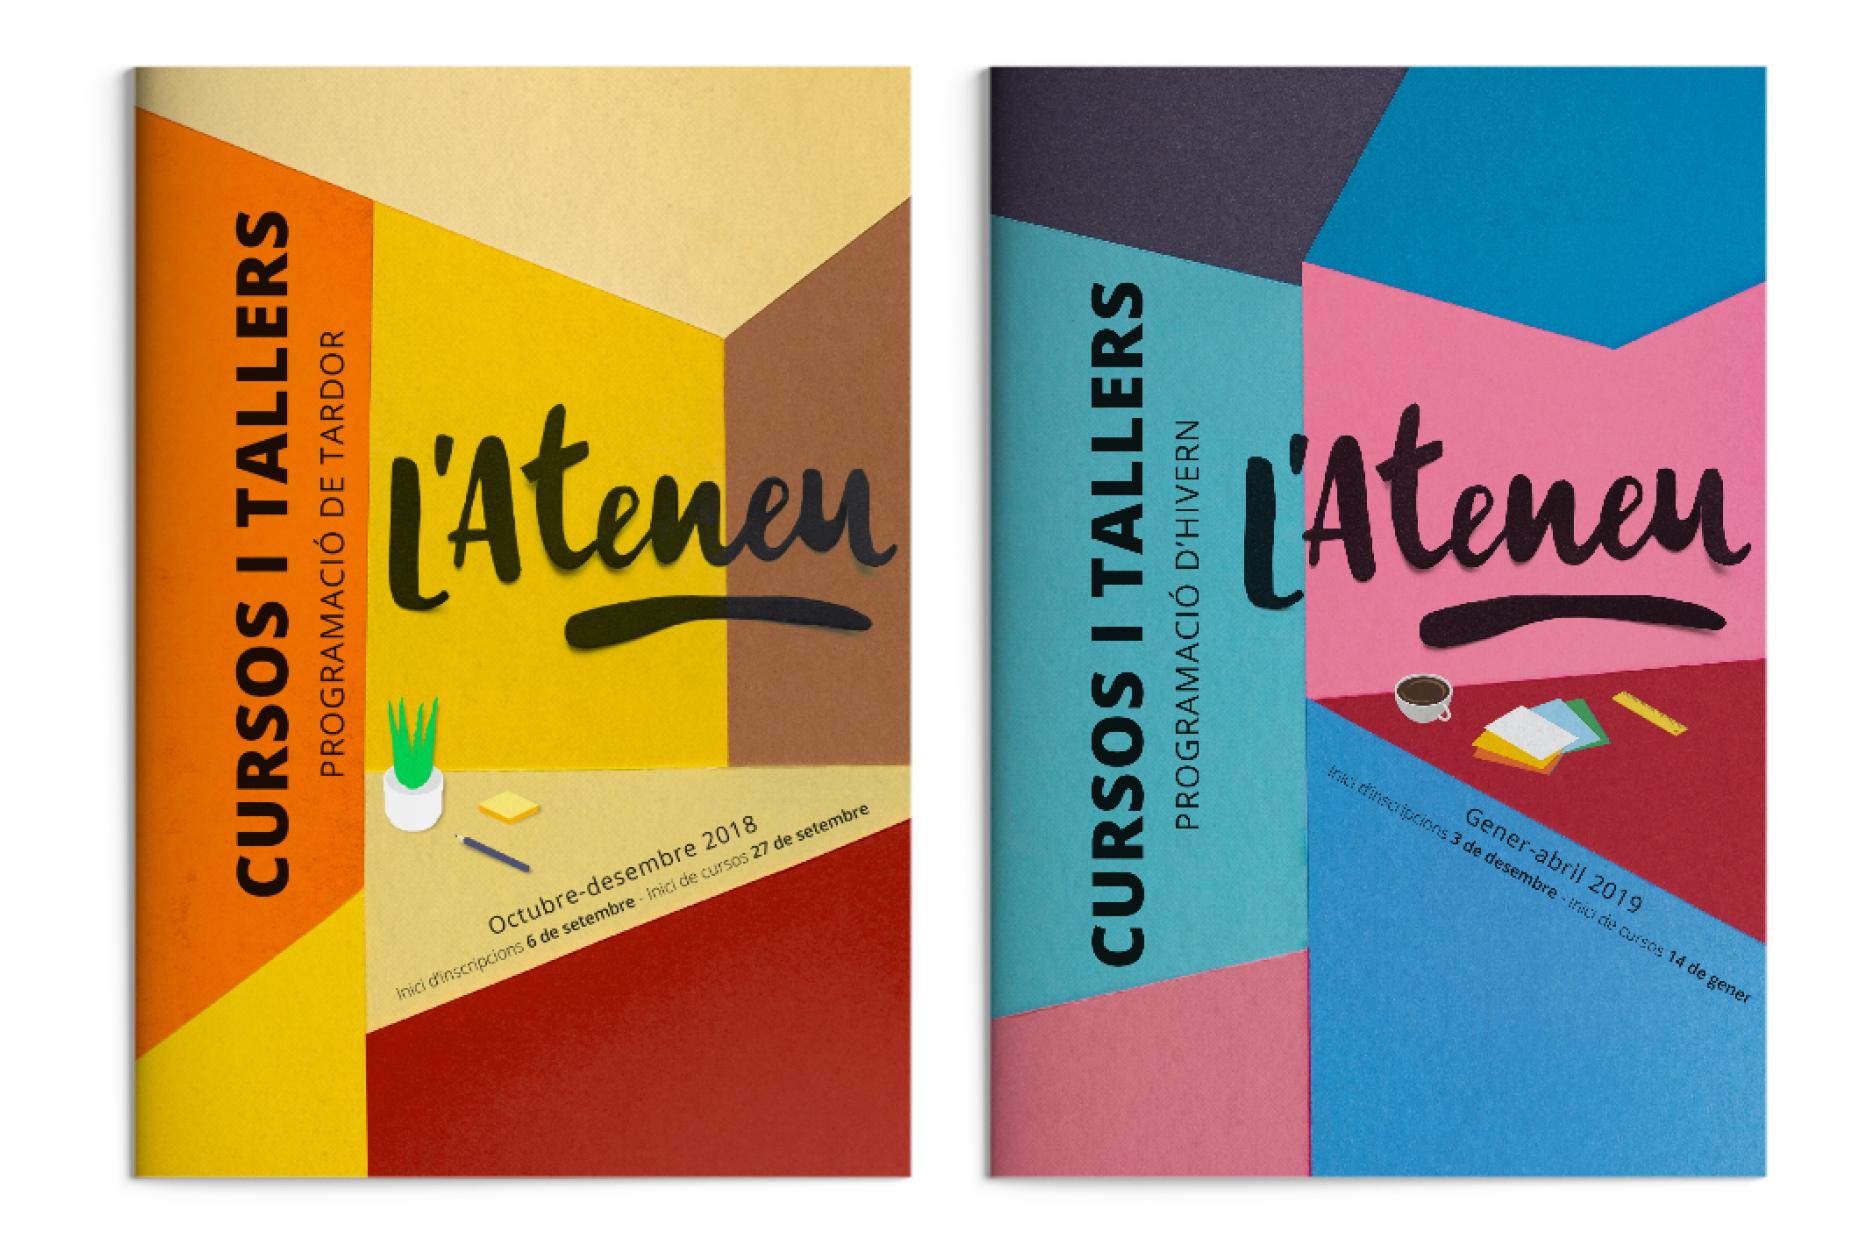 Ateneu Cursos i tallers_web_portades.jpg